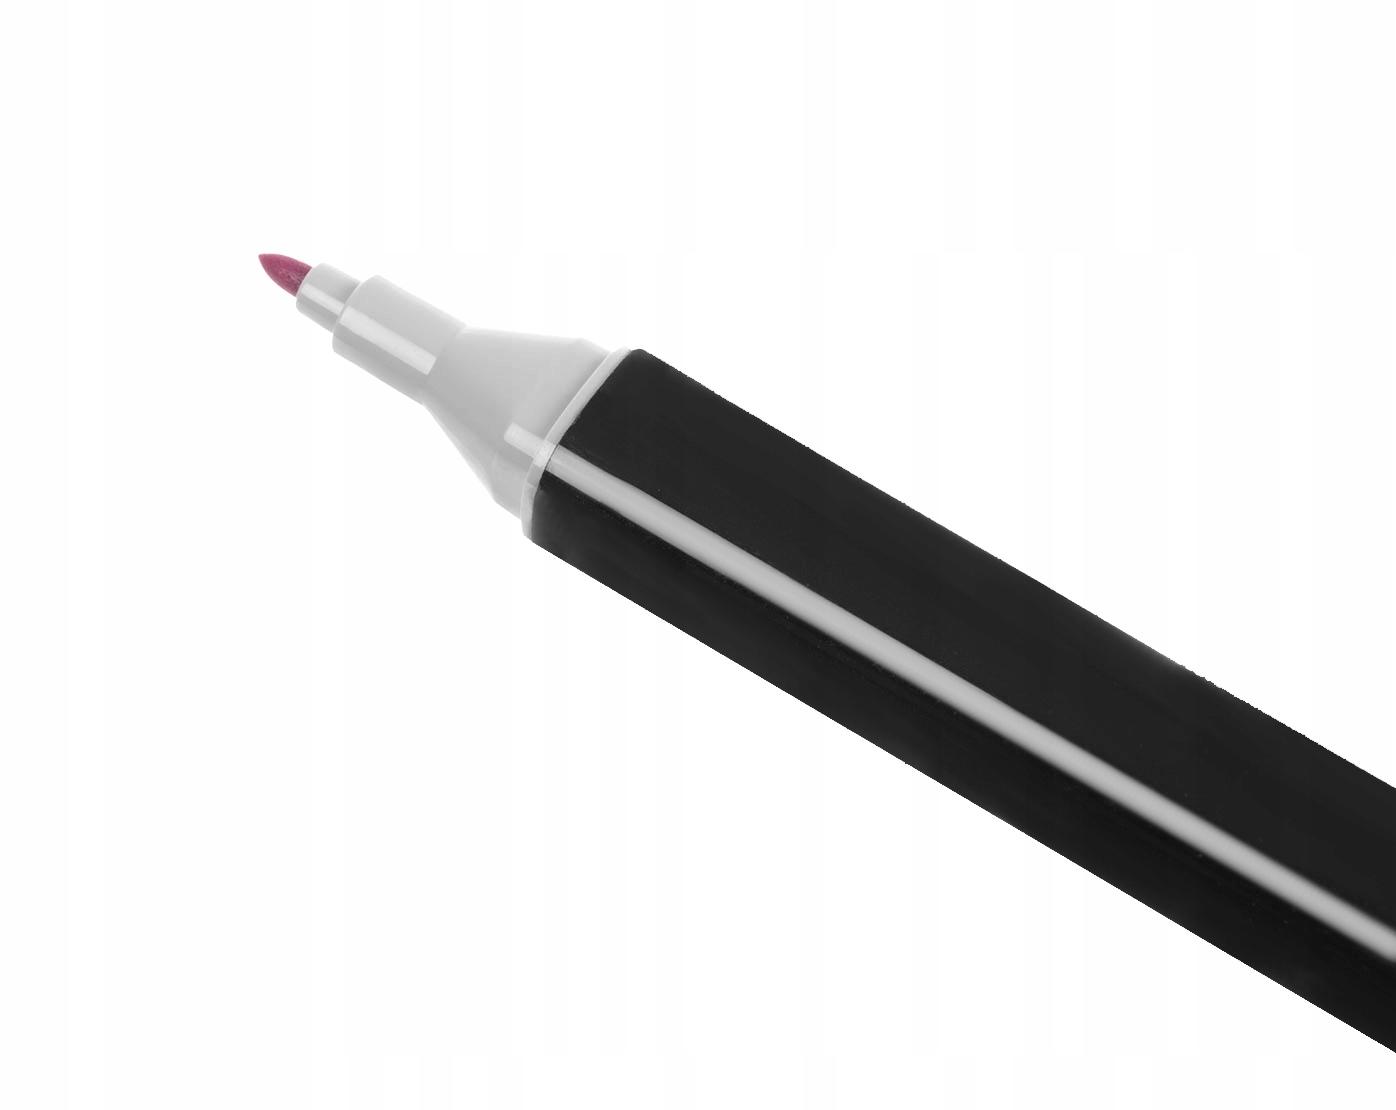 Markery Kolorowe Zakreślacze Pisaki Dwustronne x40 Płeć chłopcy Dziewczynki